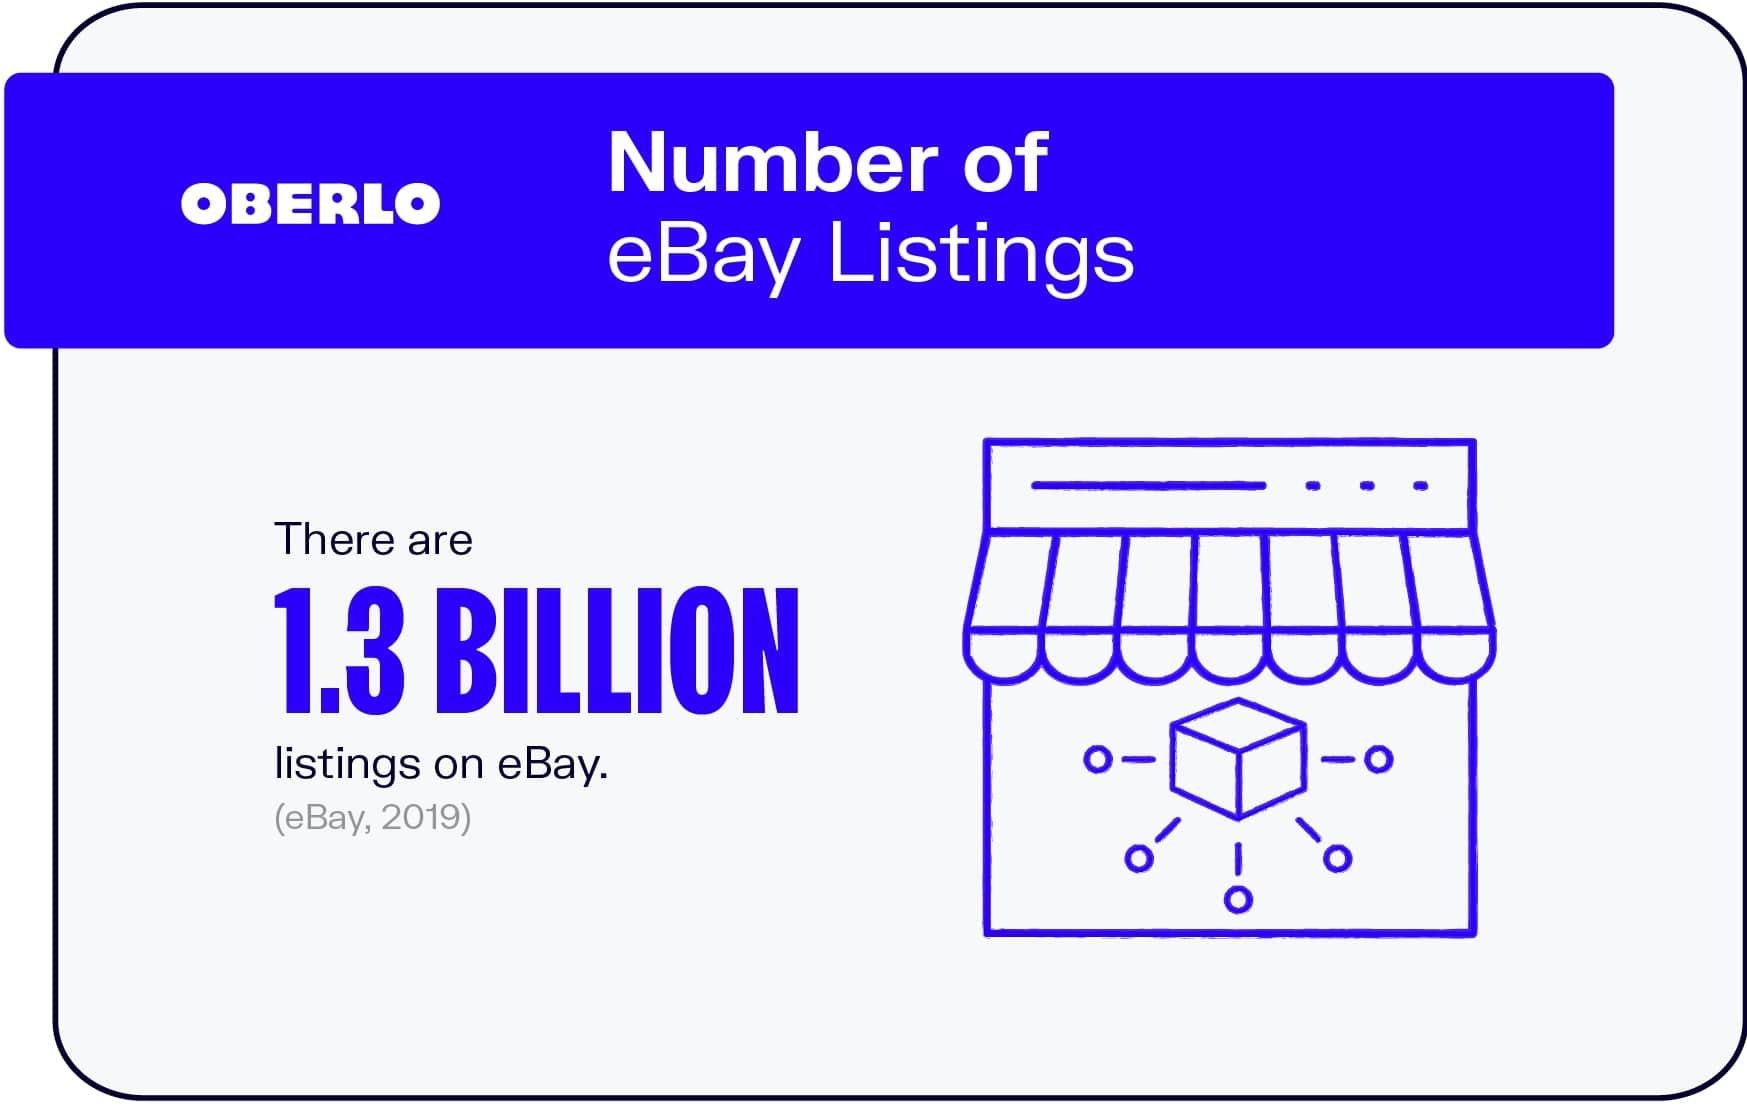 Number of eBay Listings